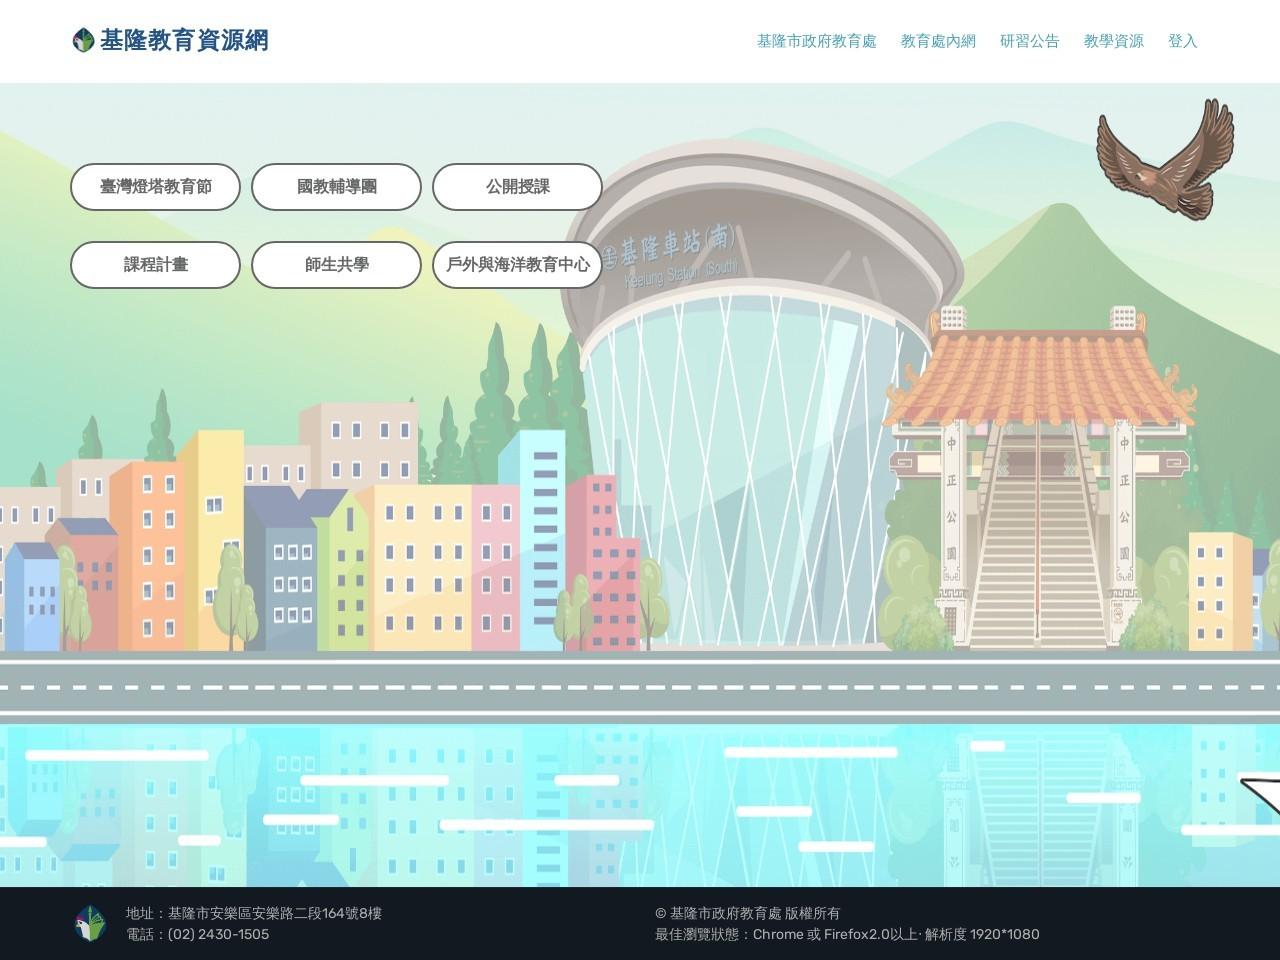 有關國立清華大學雙語教學研究中心辦理「2021清華K-12雙語教學設計」比賽,請貴園依說明事項辦理,請查照。